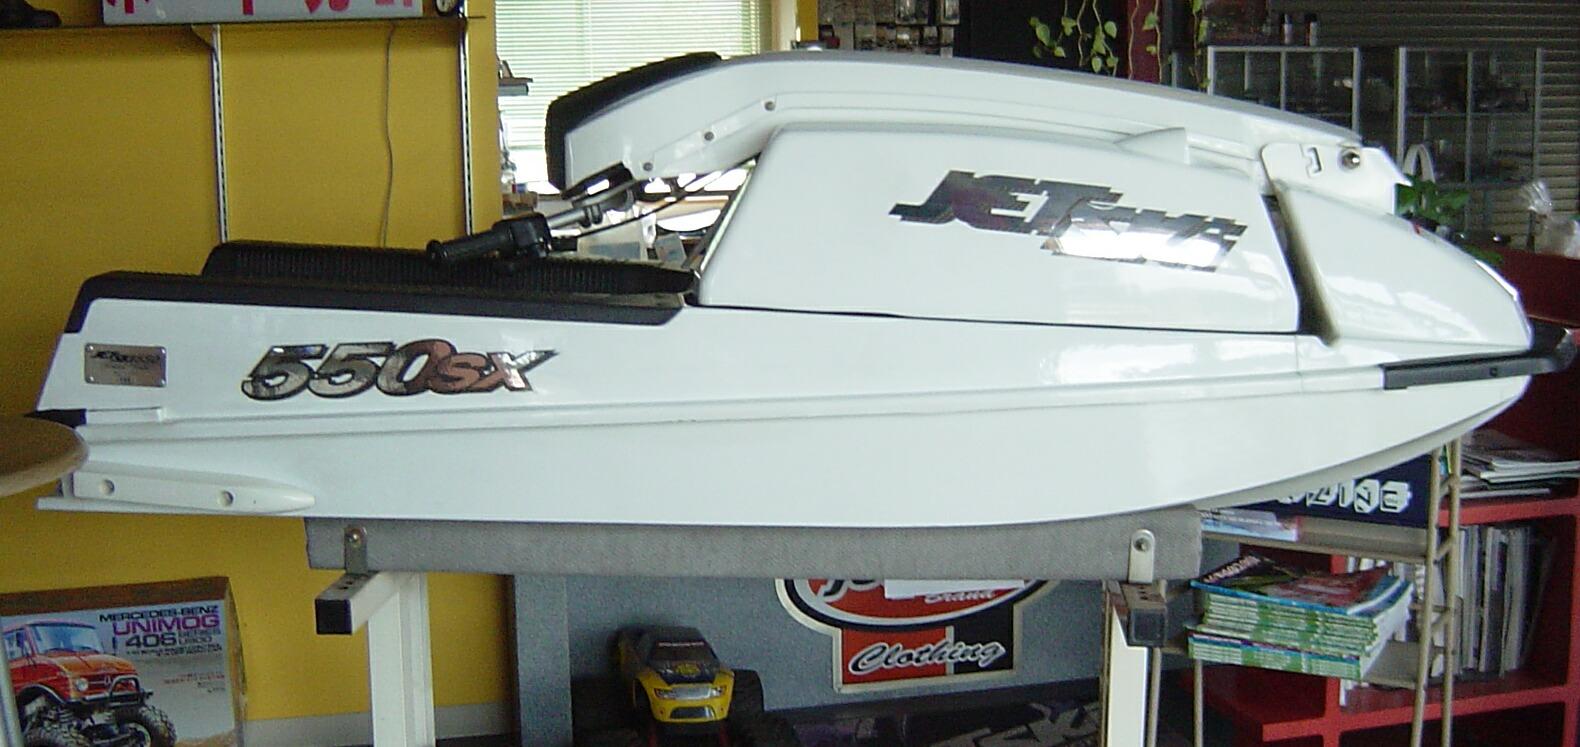 *カワサキ*JS550SX*展示品 お譲りします 未登録艇